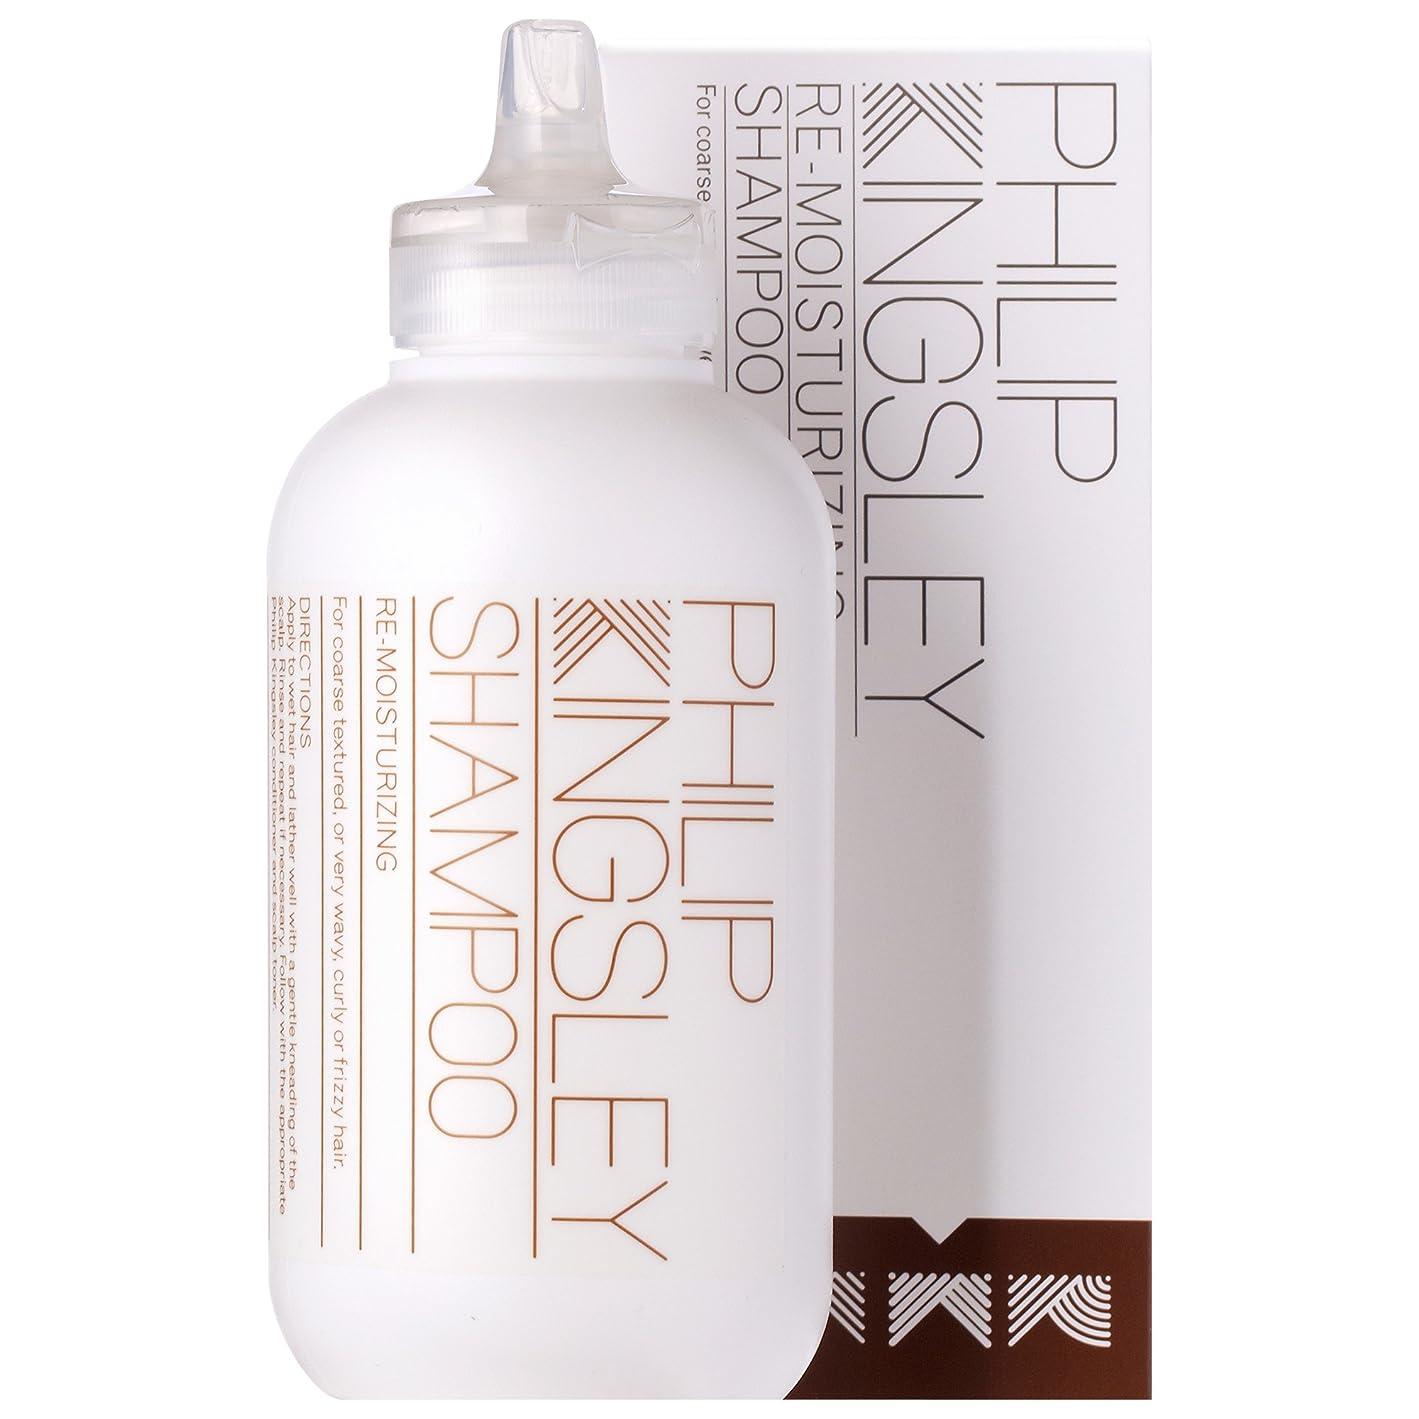 放つ素晴らしいです泣き叫ぶフィリップキングスレー再保湿シャンプー250ミリリットル (Philip Kingsley) (x2) - Philip Kingsley Re-Moisturizing Shampoo 250ml (Pack of 2) [並行輸入品]